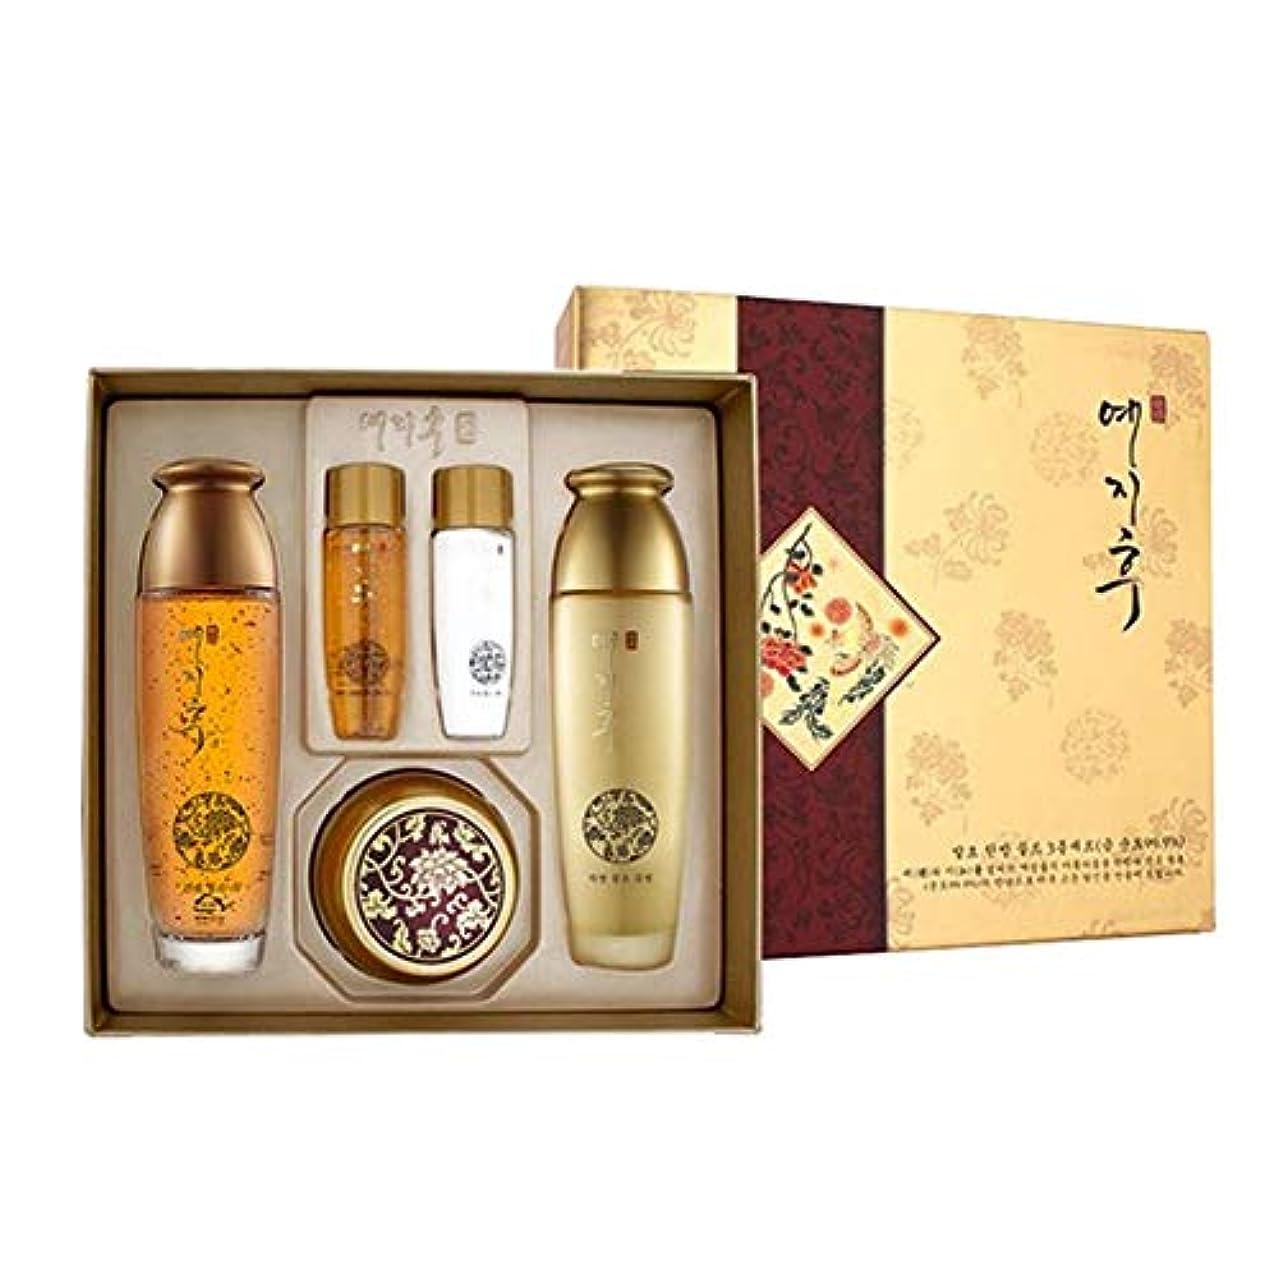 航海いとこ承知しましたイェジフ漢方ゴールド3種セットゴールド水180ml(150+30) ゴールド乳液180ml(150+30) ゴールド栄養クリーム50ml、Yezihu 3 Sets of Herbal Gold Cosmetics [並行輸入品]